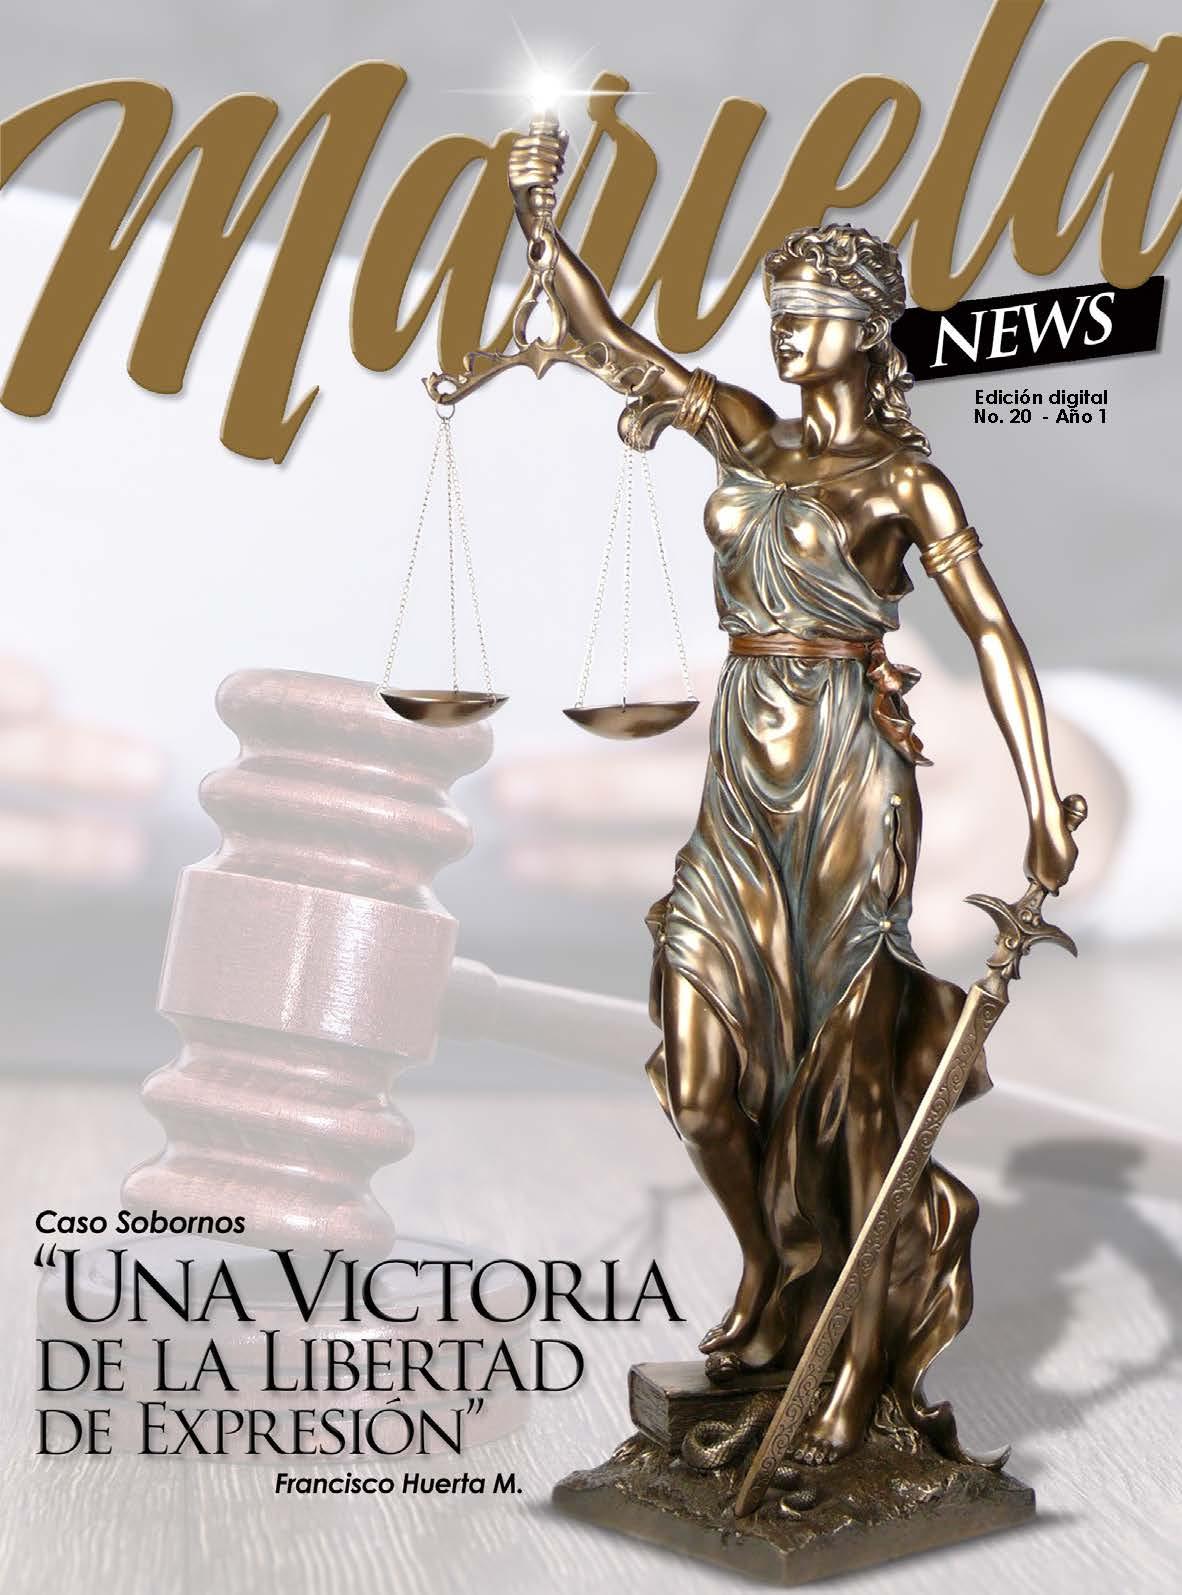 Revista Mariela News 20